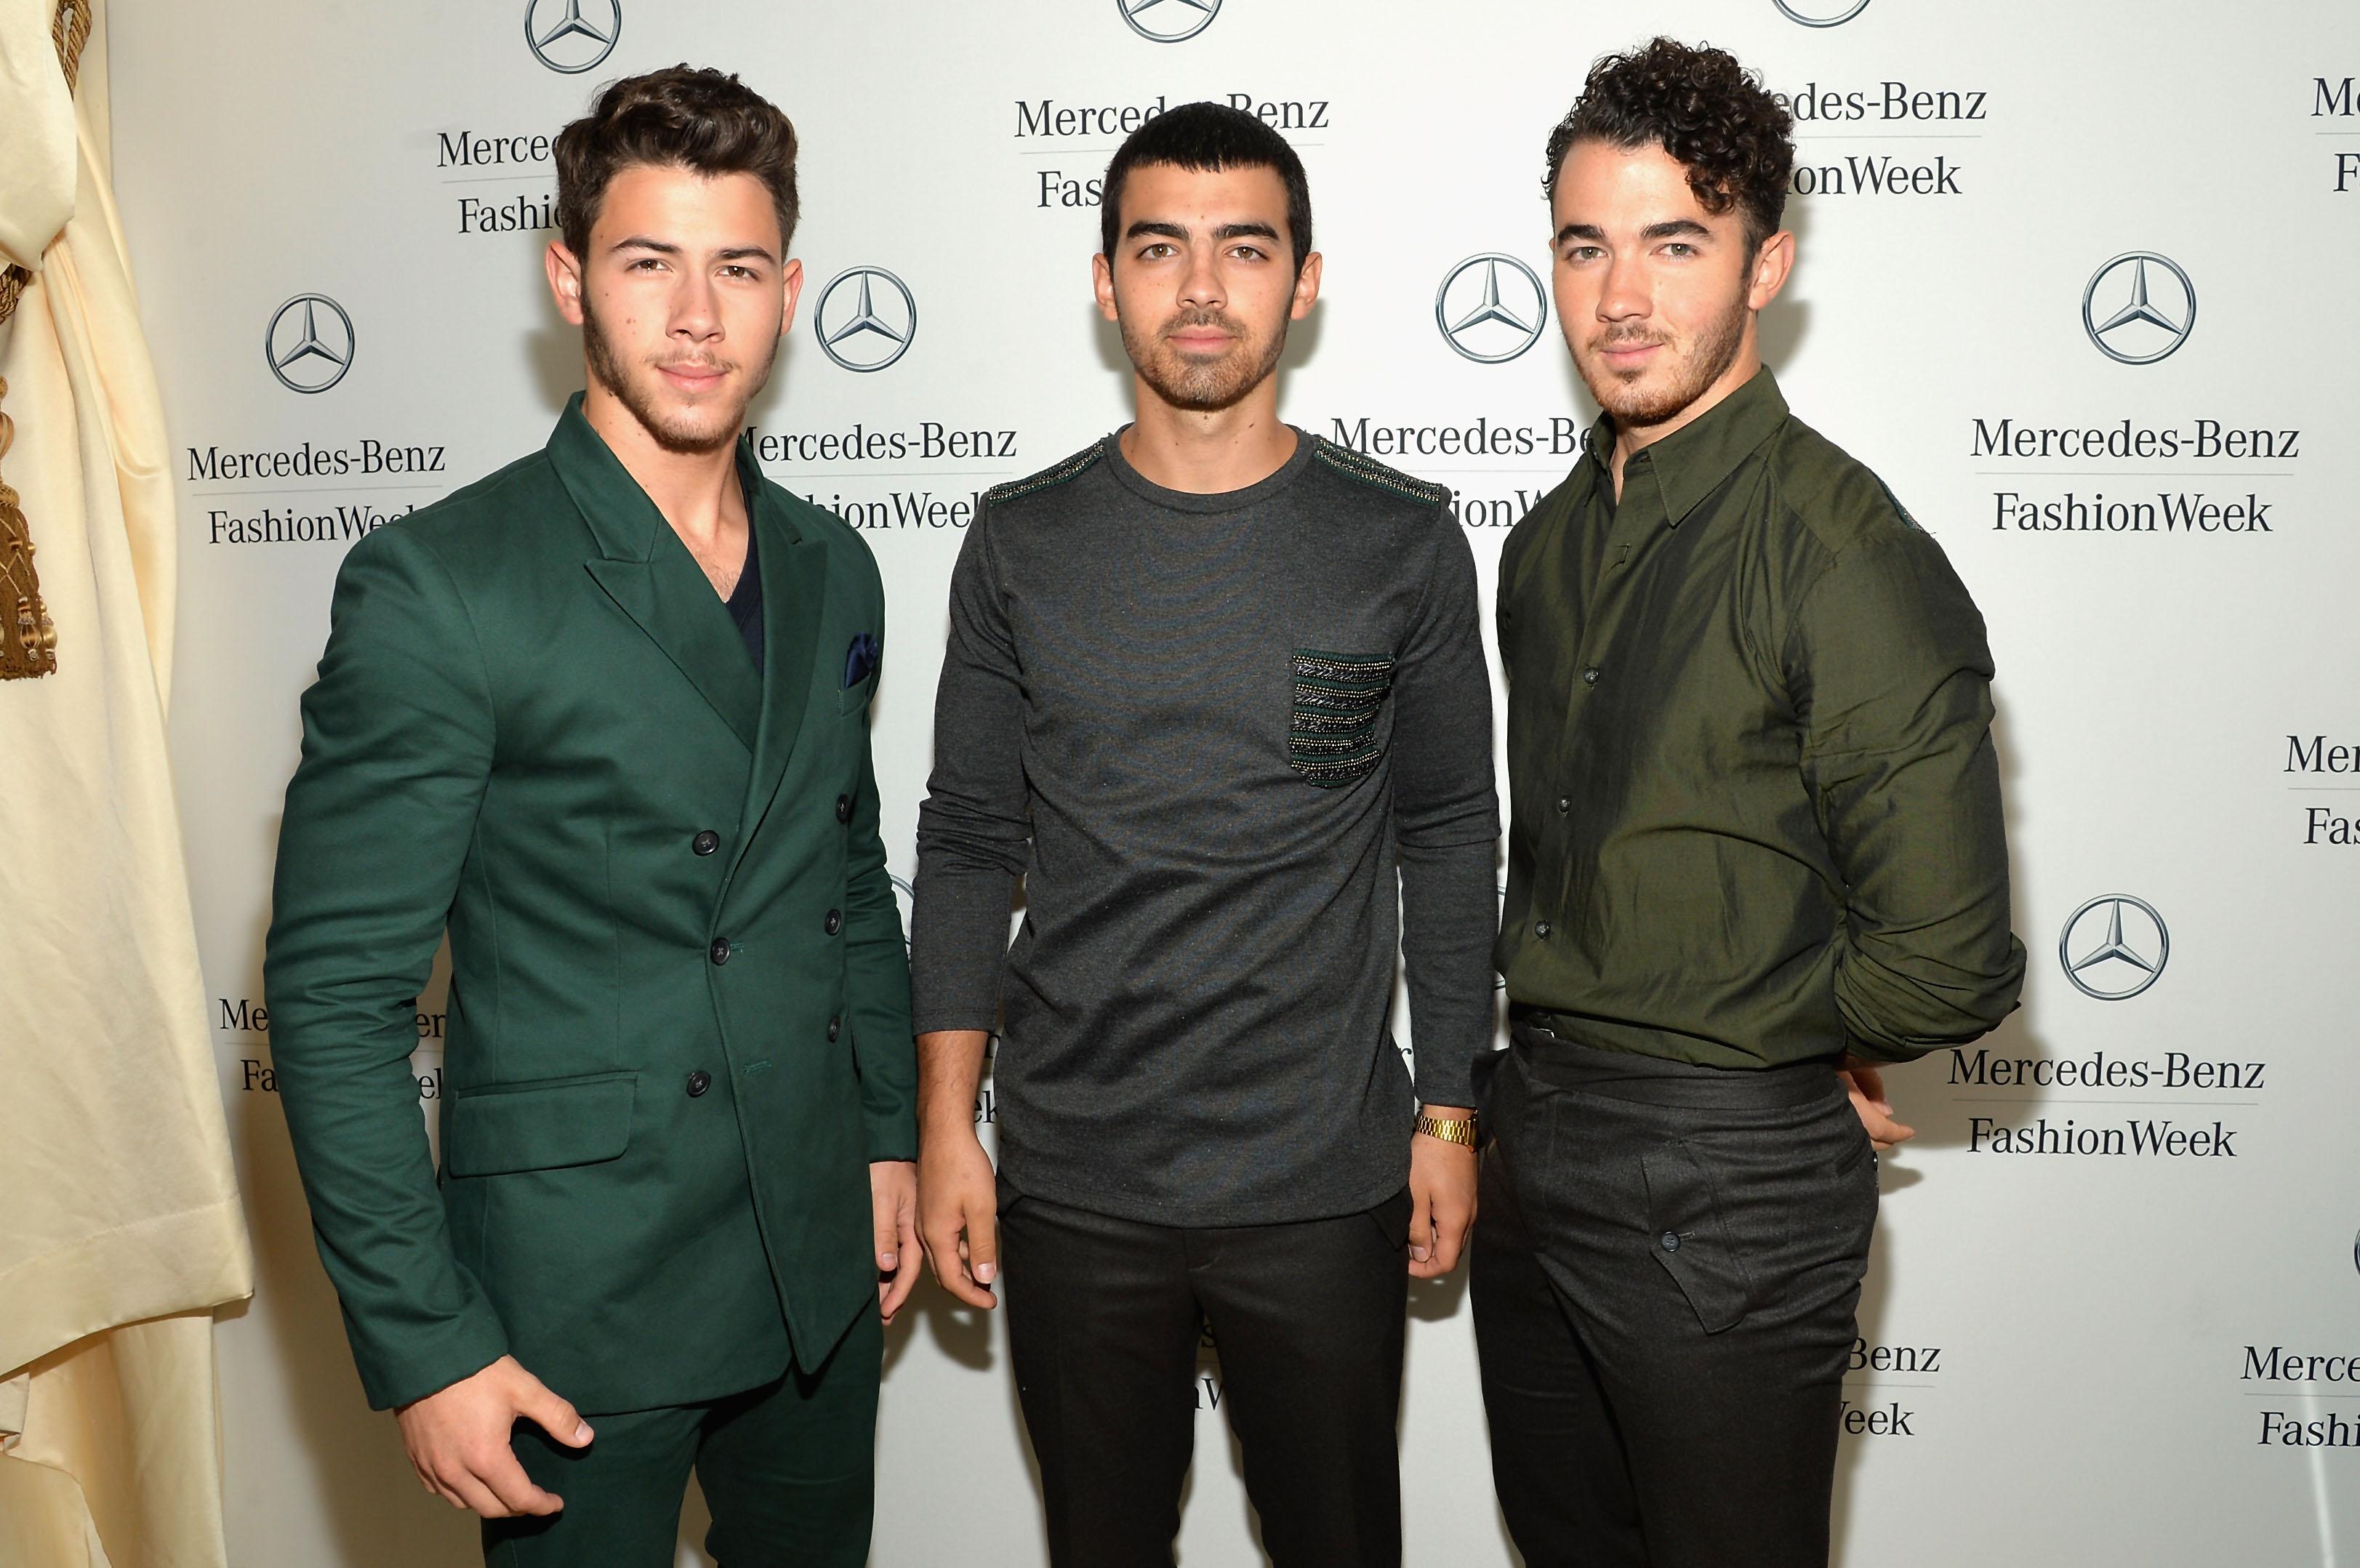 Kevin Jonas, pai dos Jonas Brothers, foi diagnosticado com câncer de cólon em março desse ano